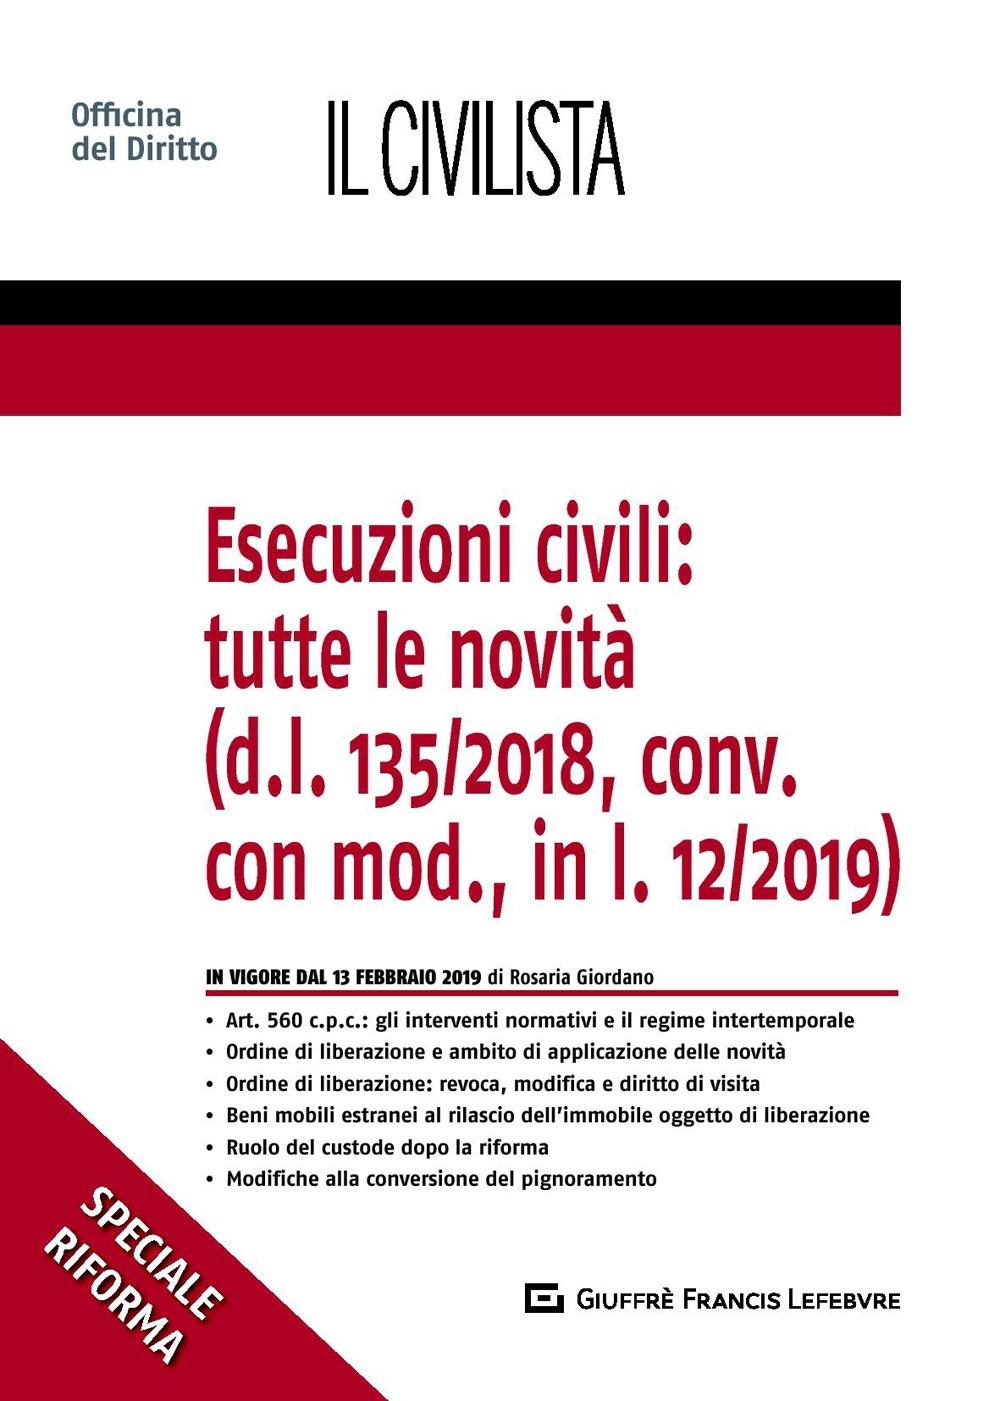 Esecuzioni civili: tutte le novità(d.l. 135/2018, conv. con mod., in l. 12/2019)